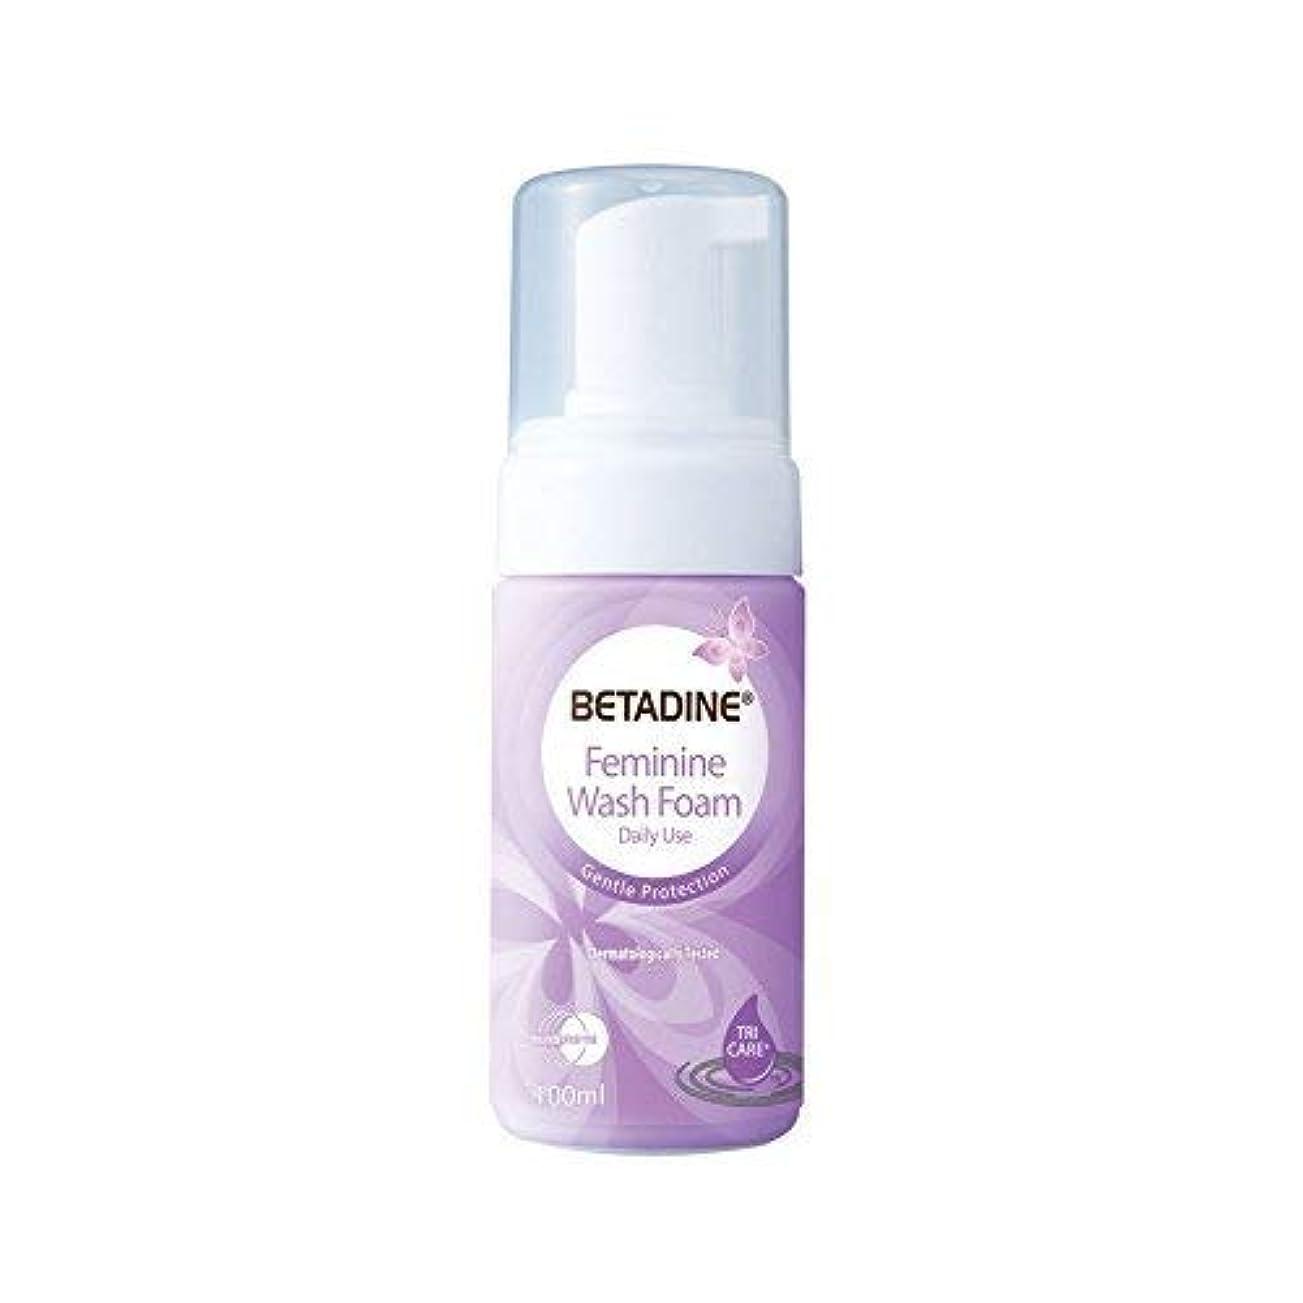 化学者呼吸逮捕Betadine Mの女性は、細菌の泡ポンプ100ml無愛想百ミリリットル、カビを除去するために洗浄しました